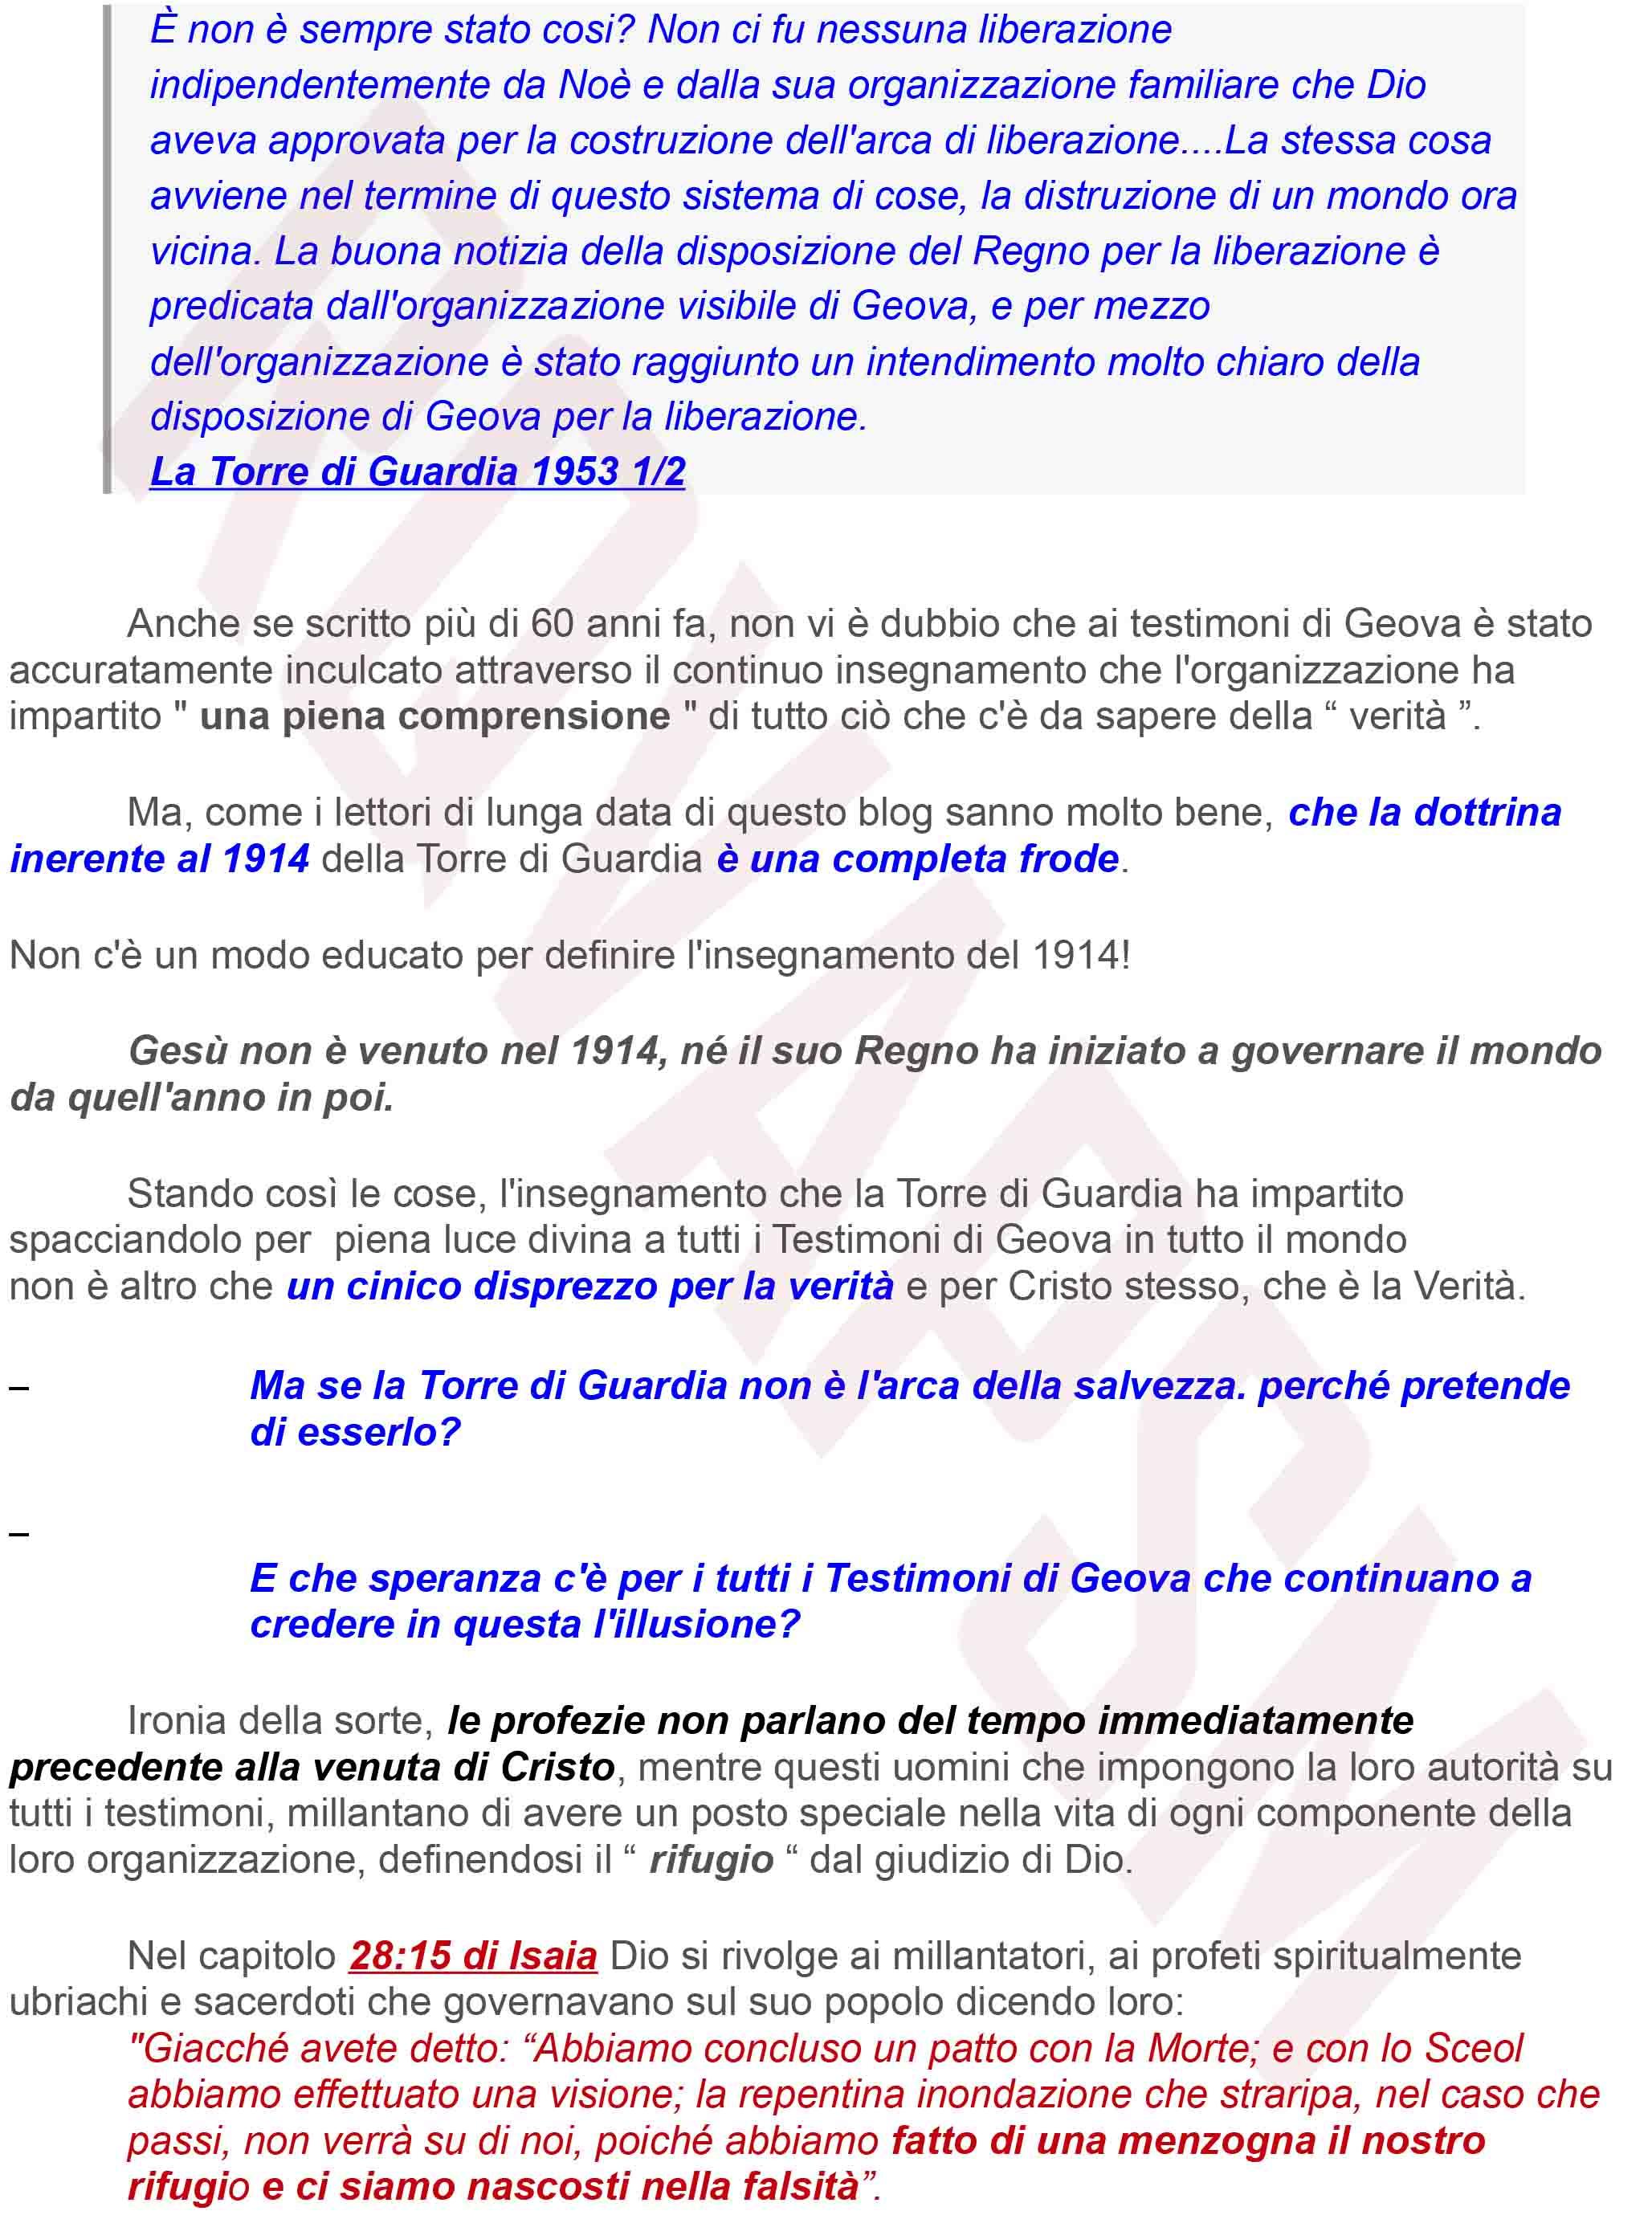 corretta-3